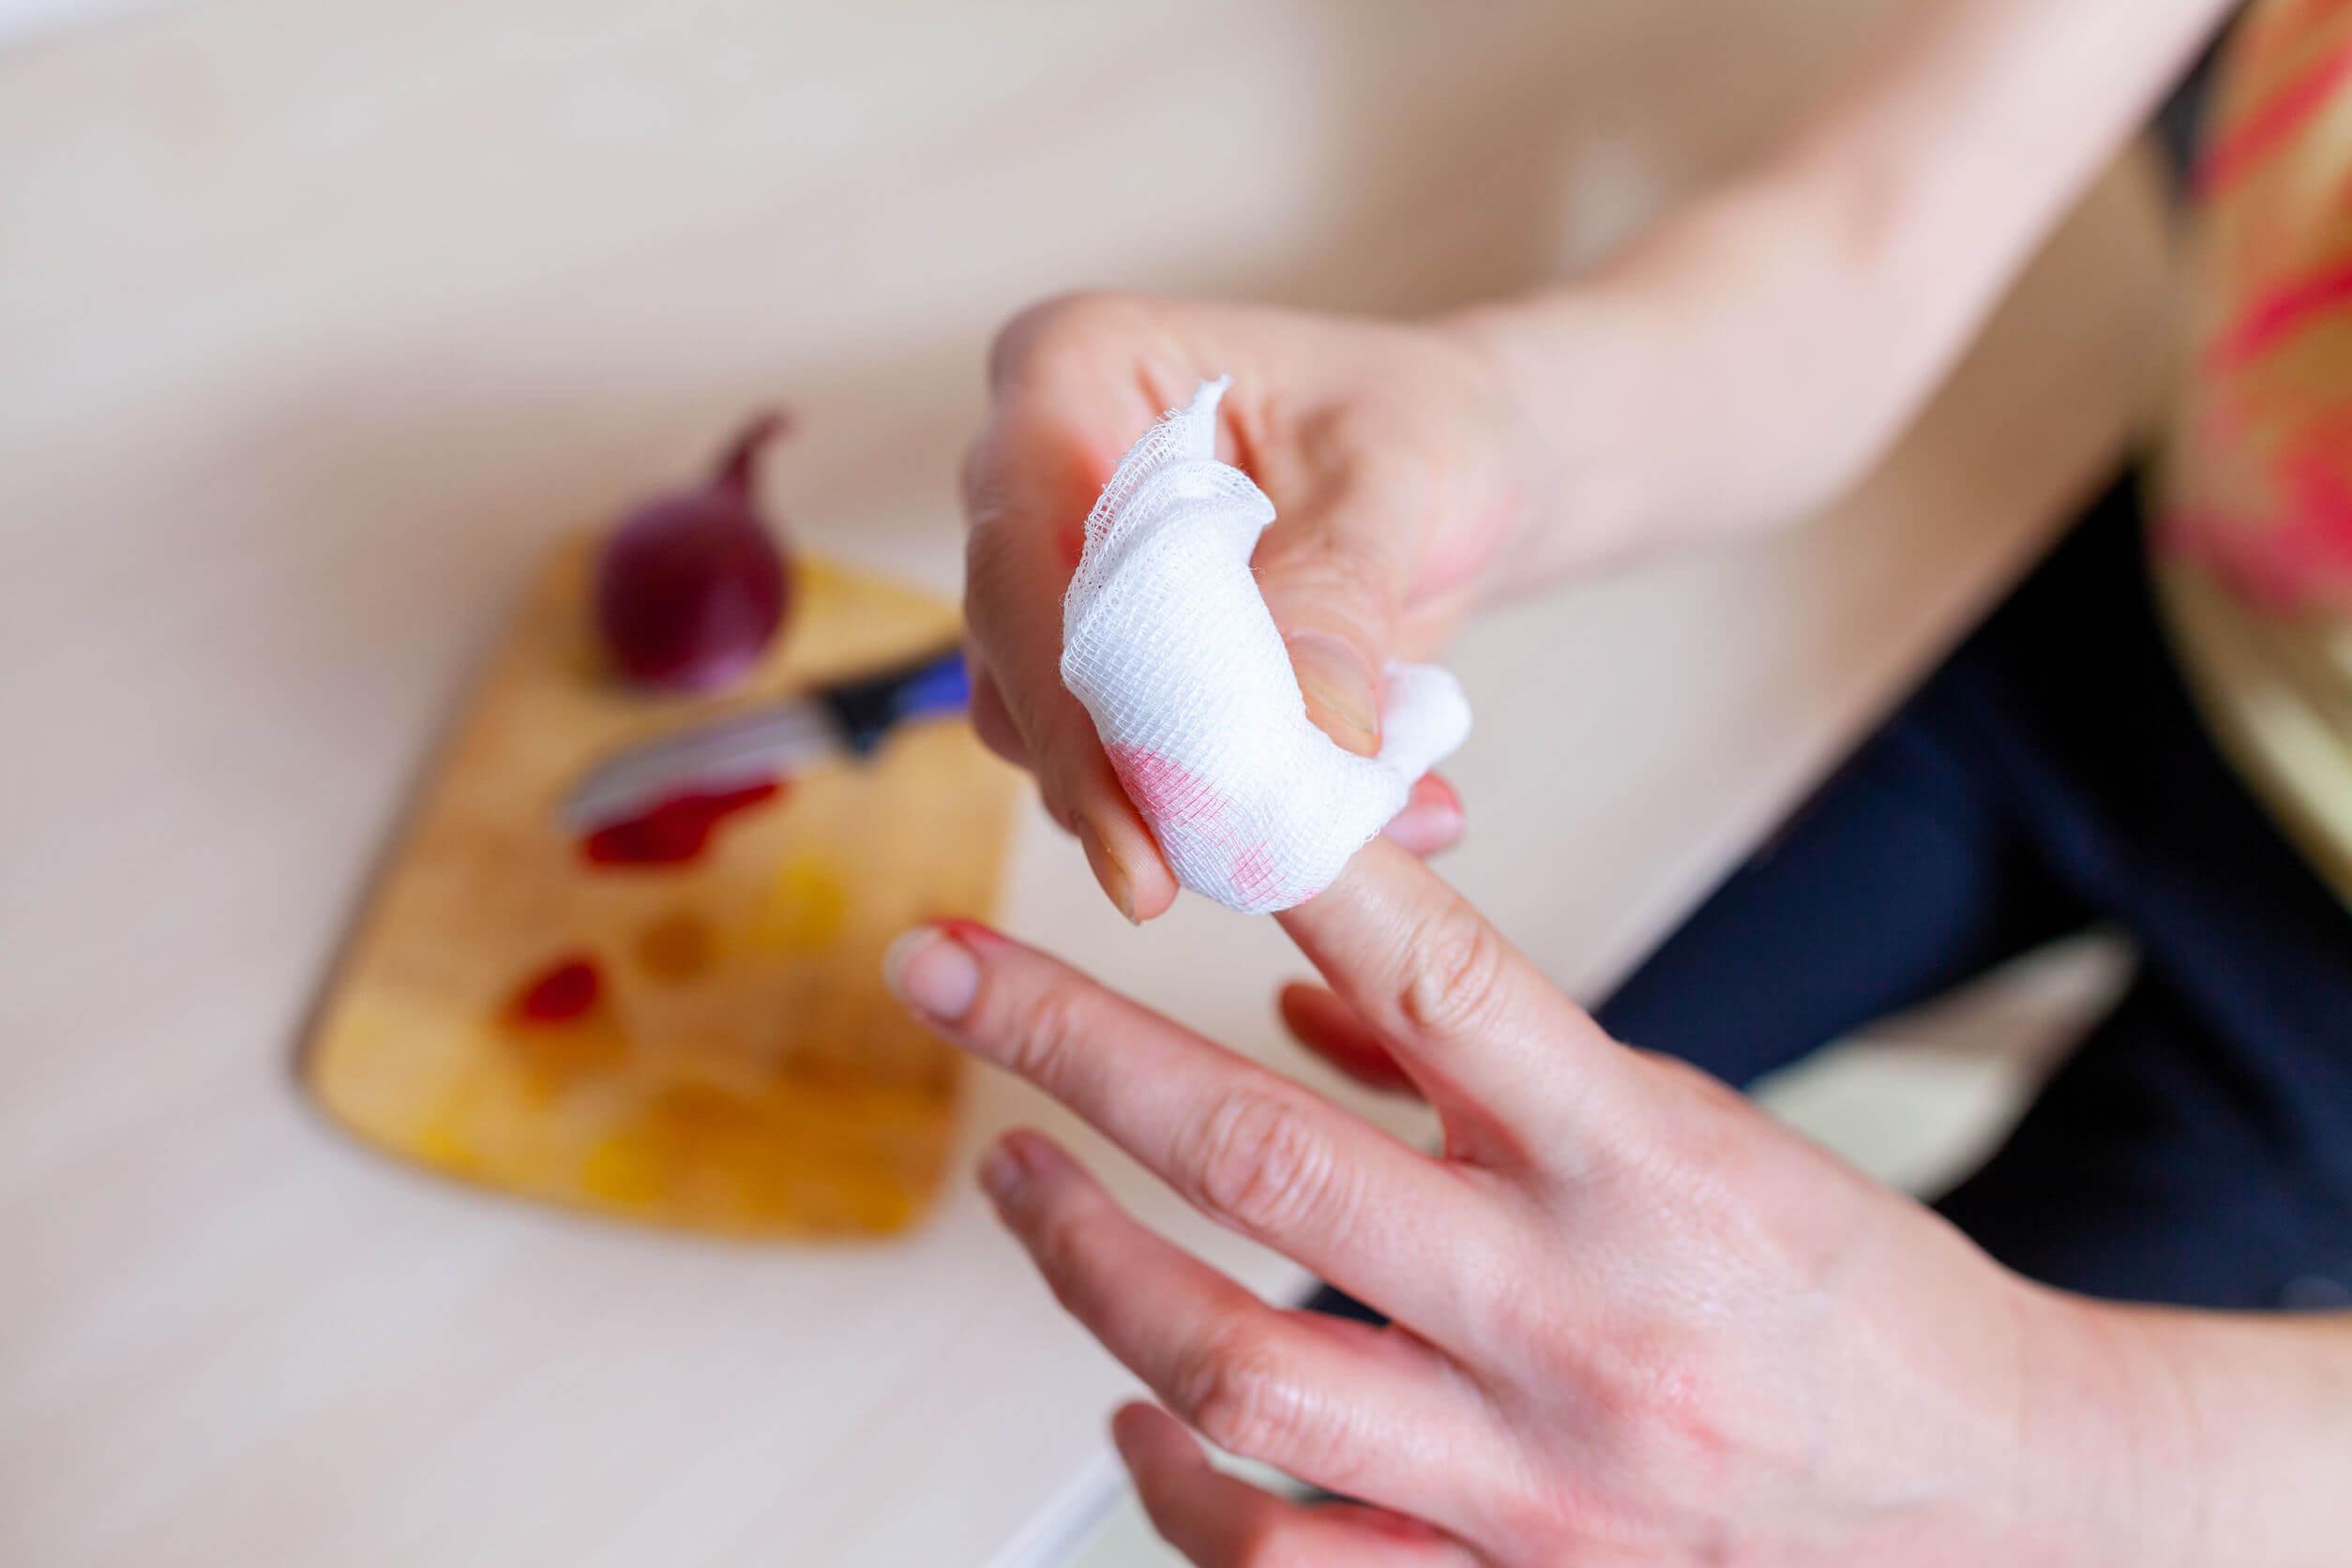 Para evitar que se infecte una herida es importante limpiar